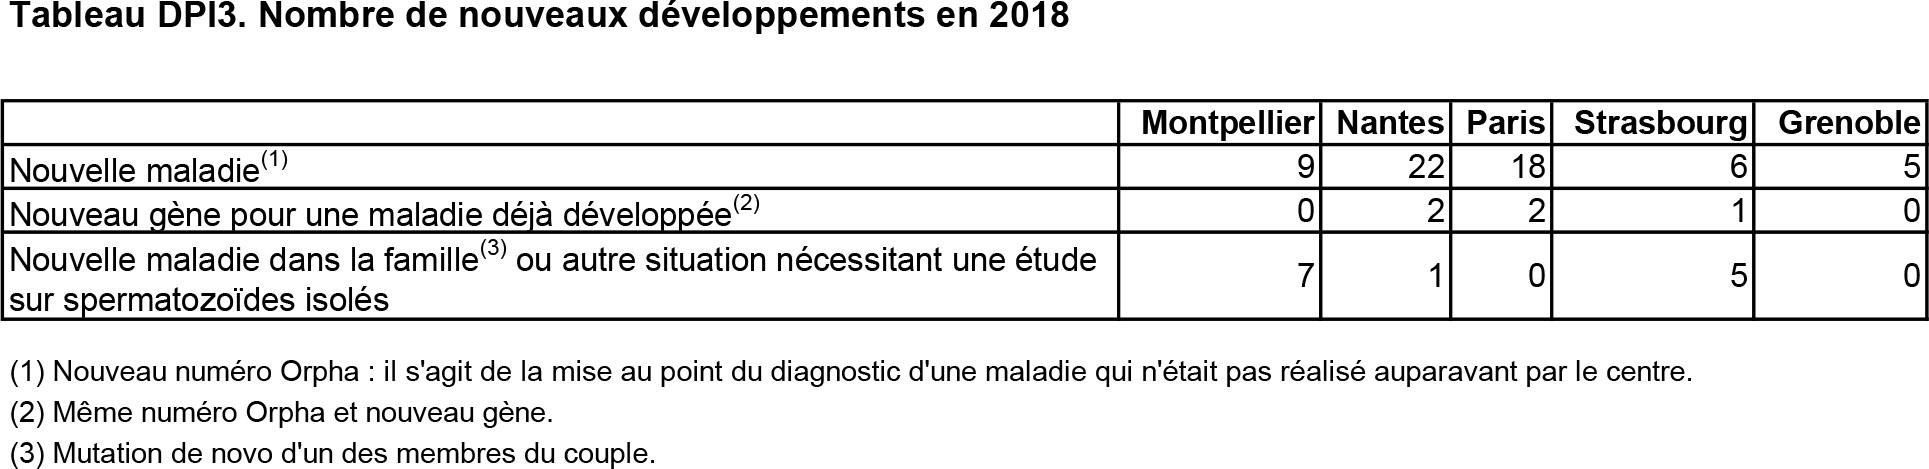 Tableau DPI3. Nombre de nouveaux développements en 2018